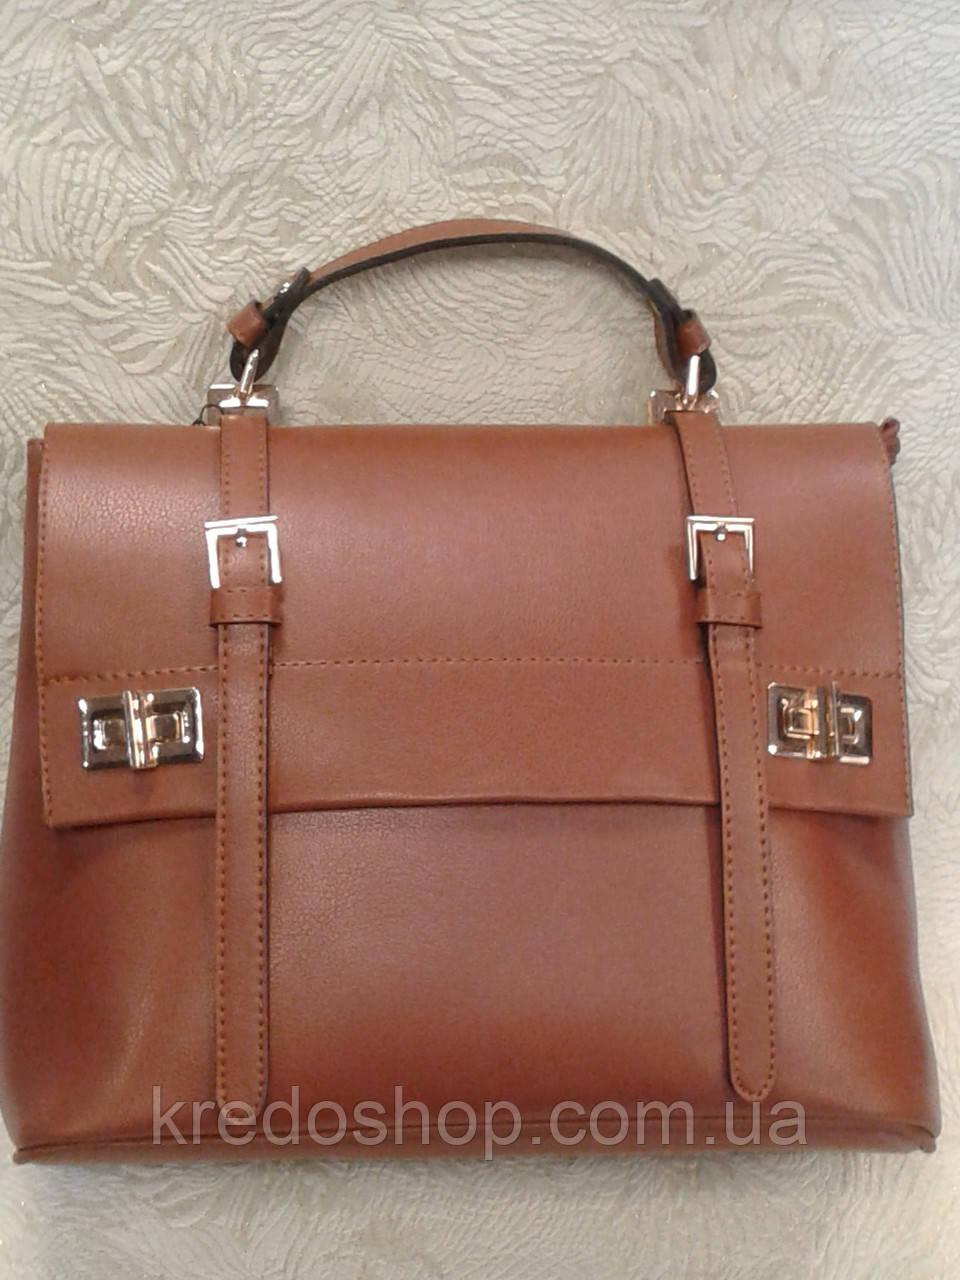 8379cce20afb Сумка-клатч женская в форме портфеля,стильная(Турция) - Интернет-магазин